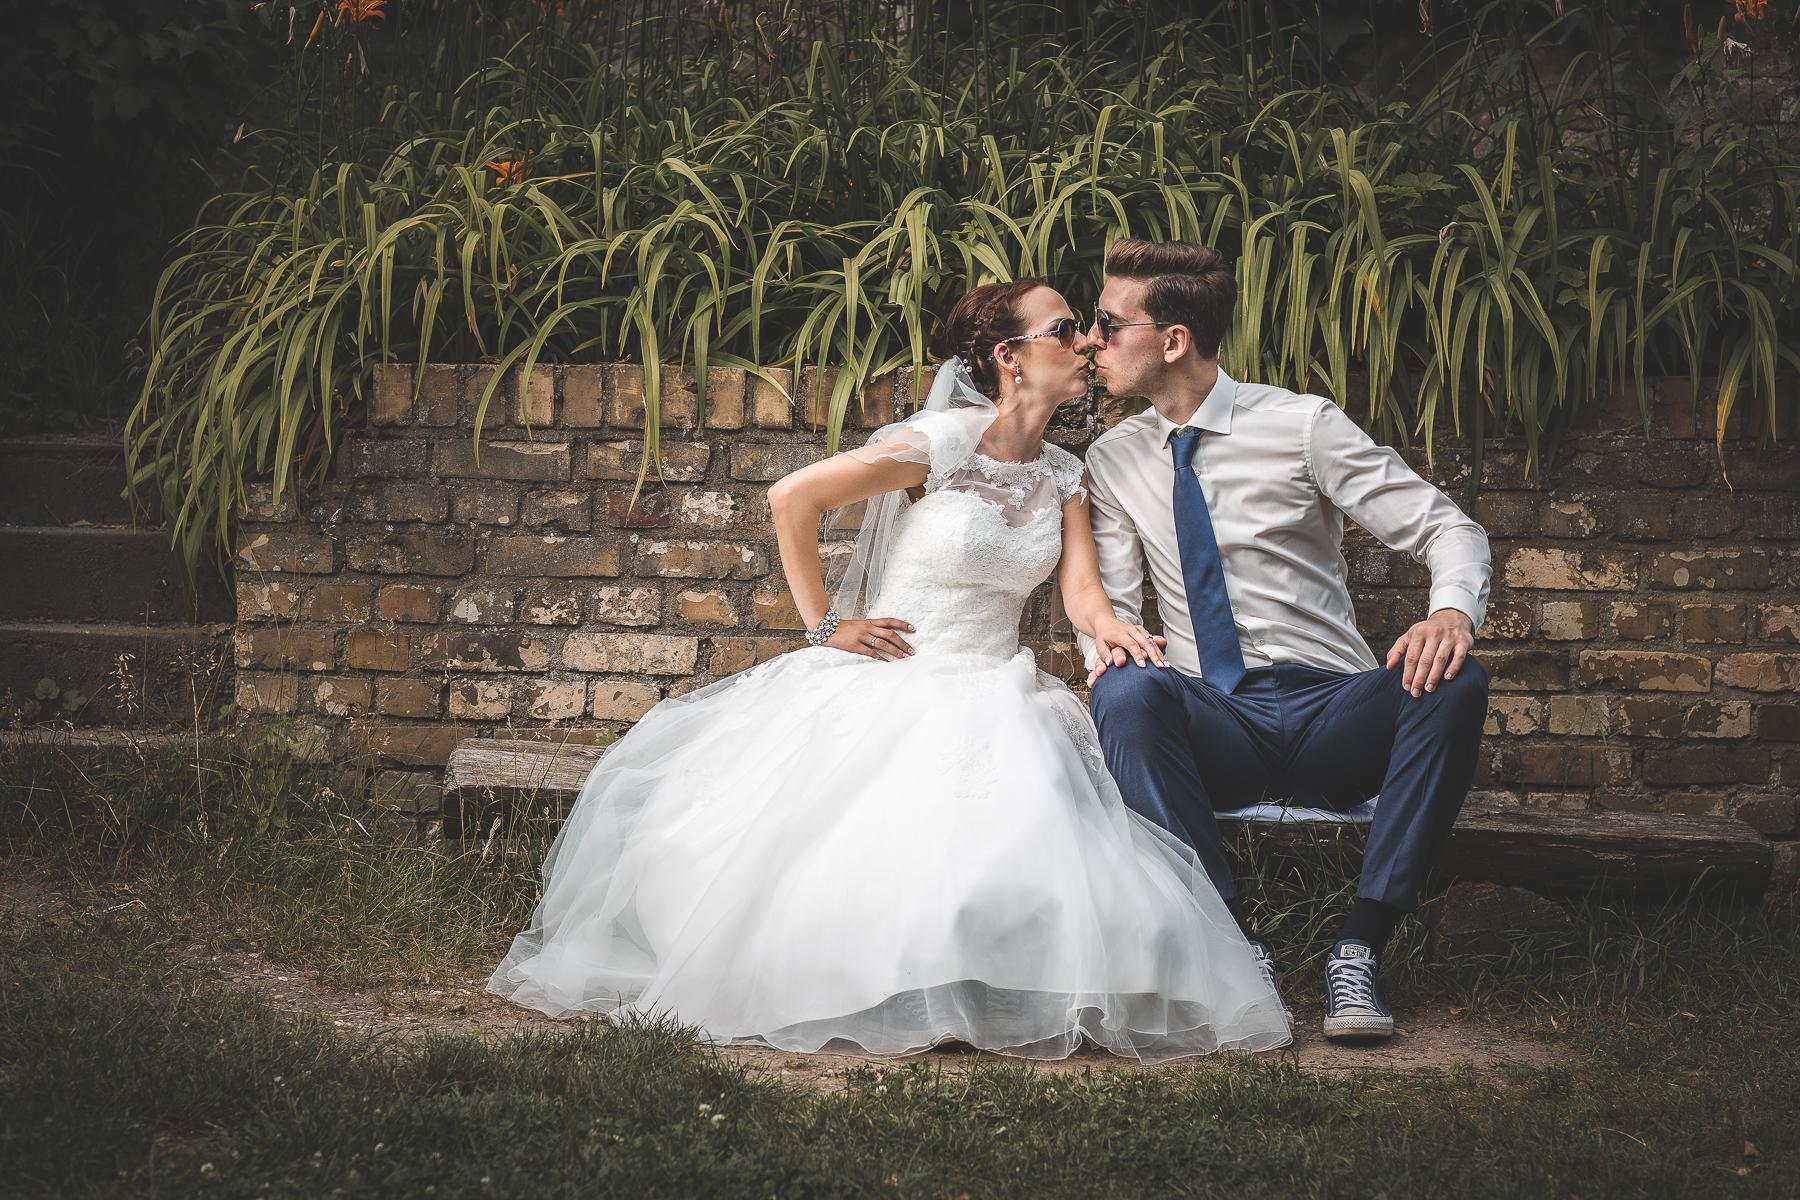 Hochzeitsfotograf-107.jpg